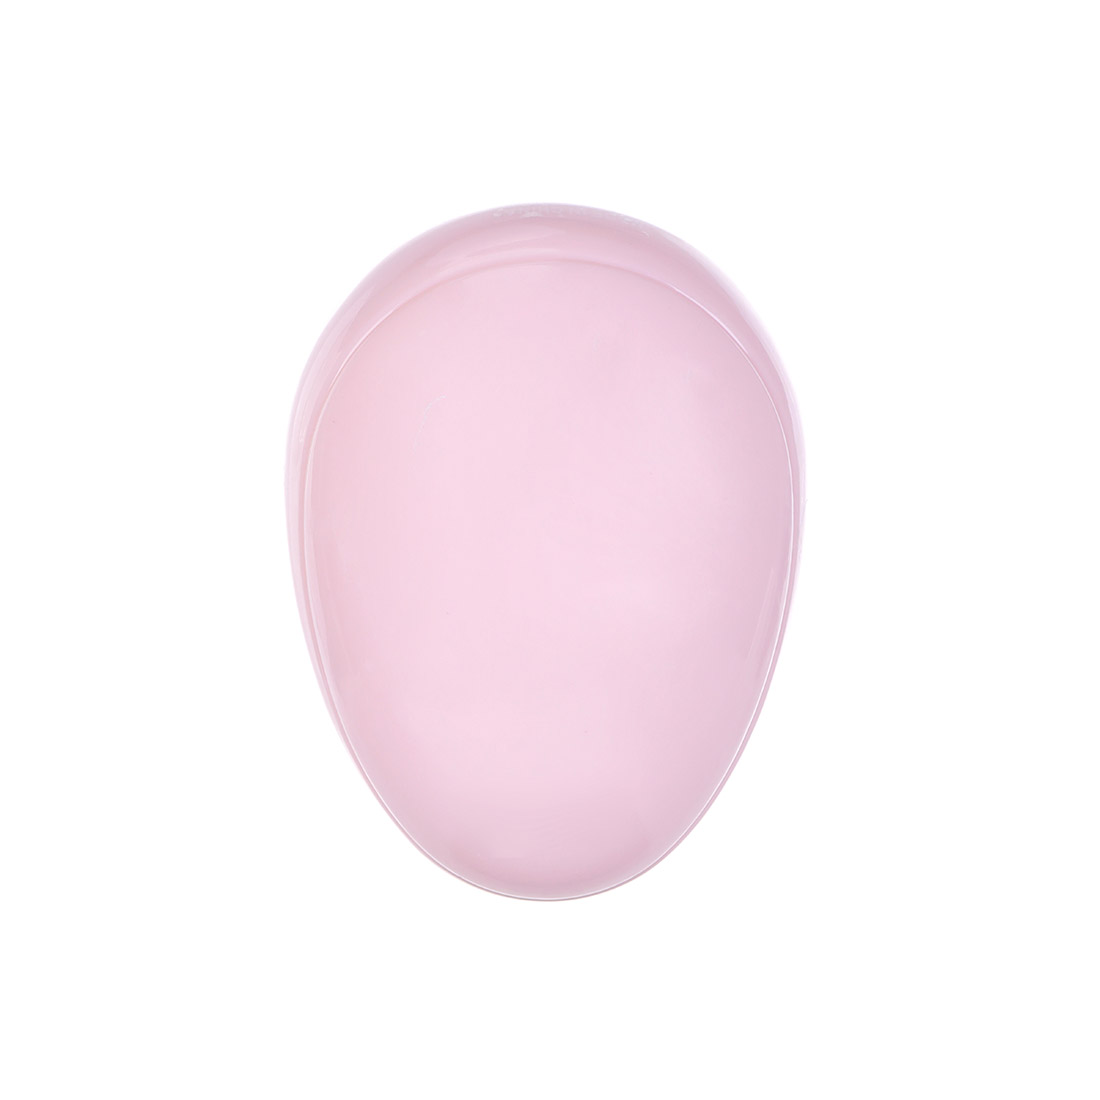 Lược chải tóc Miniso hình giọt nước 36g - Hàng chính hãng